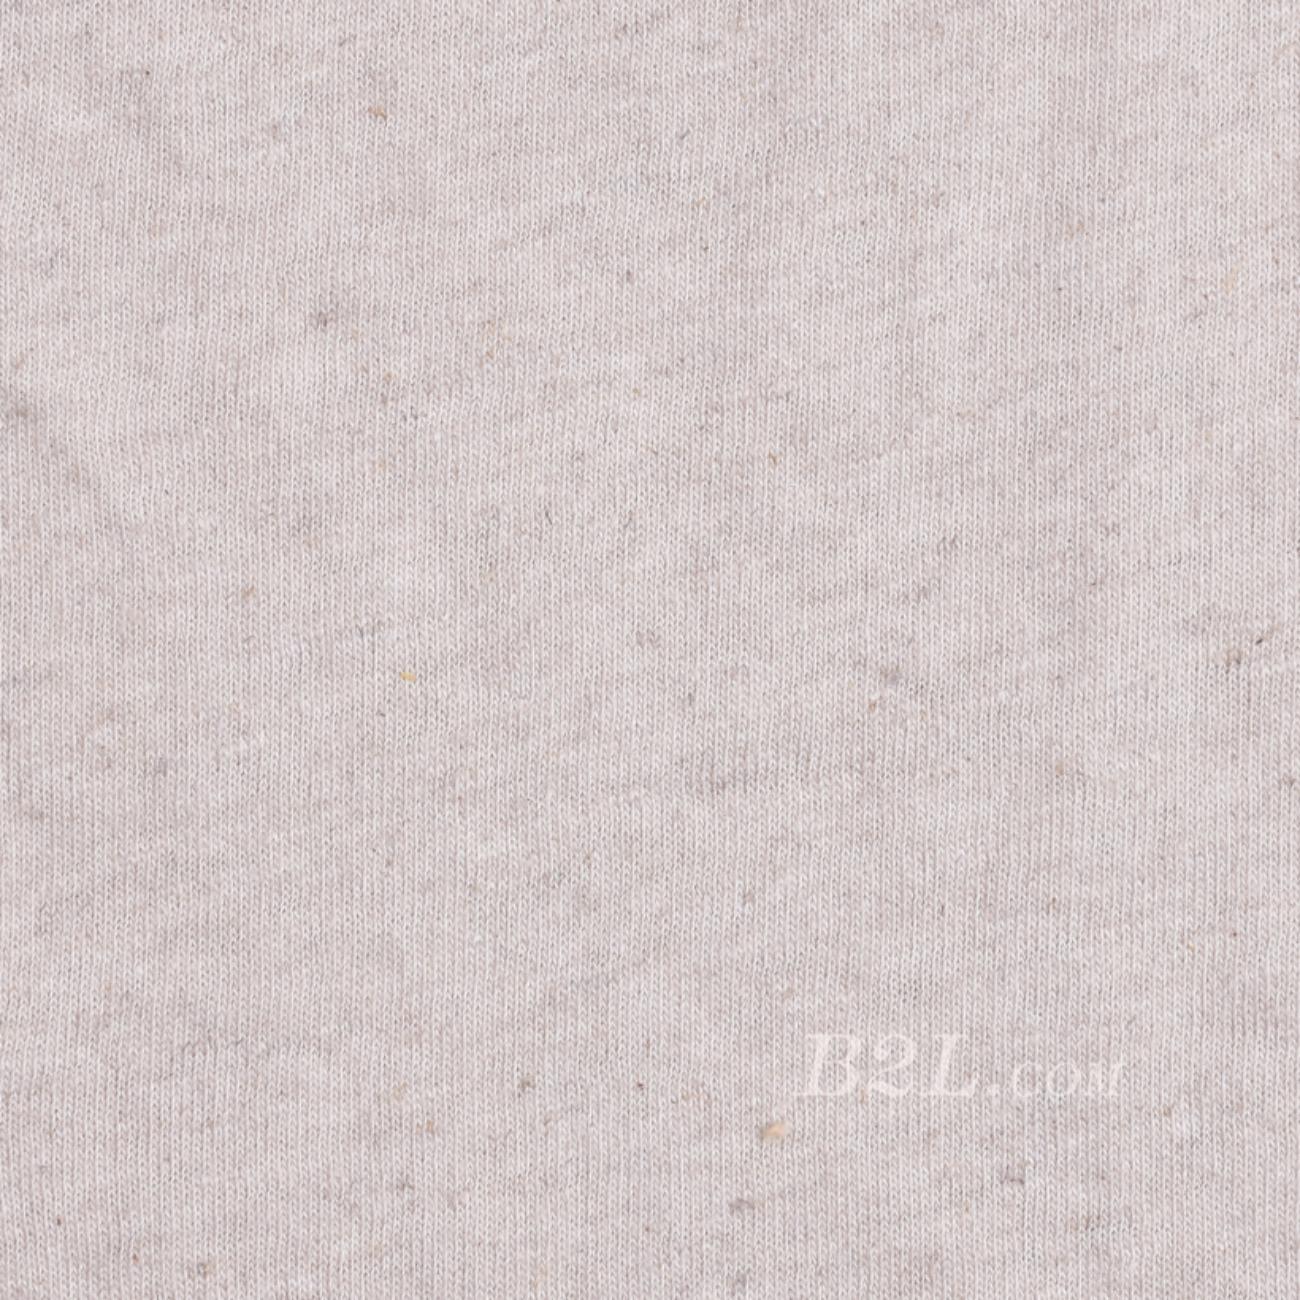 素色 针织 染色 低弹 春秋 连衣裙 时装 90306-46